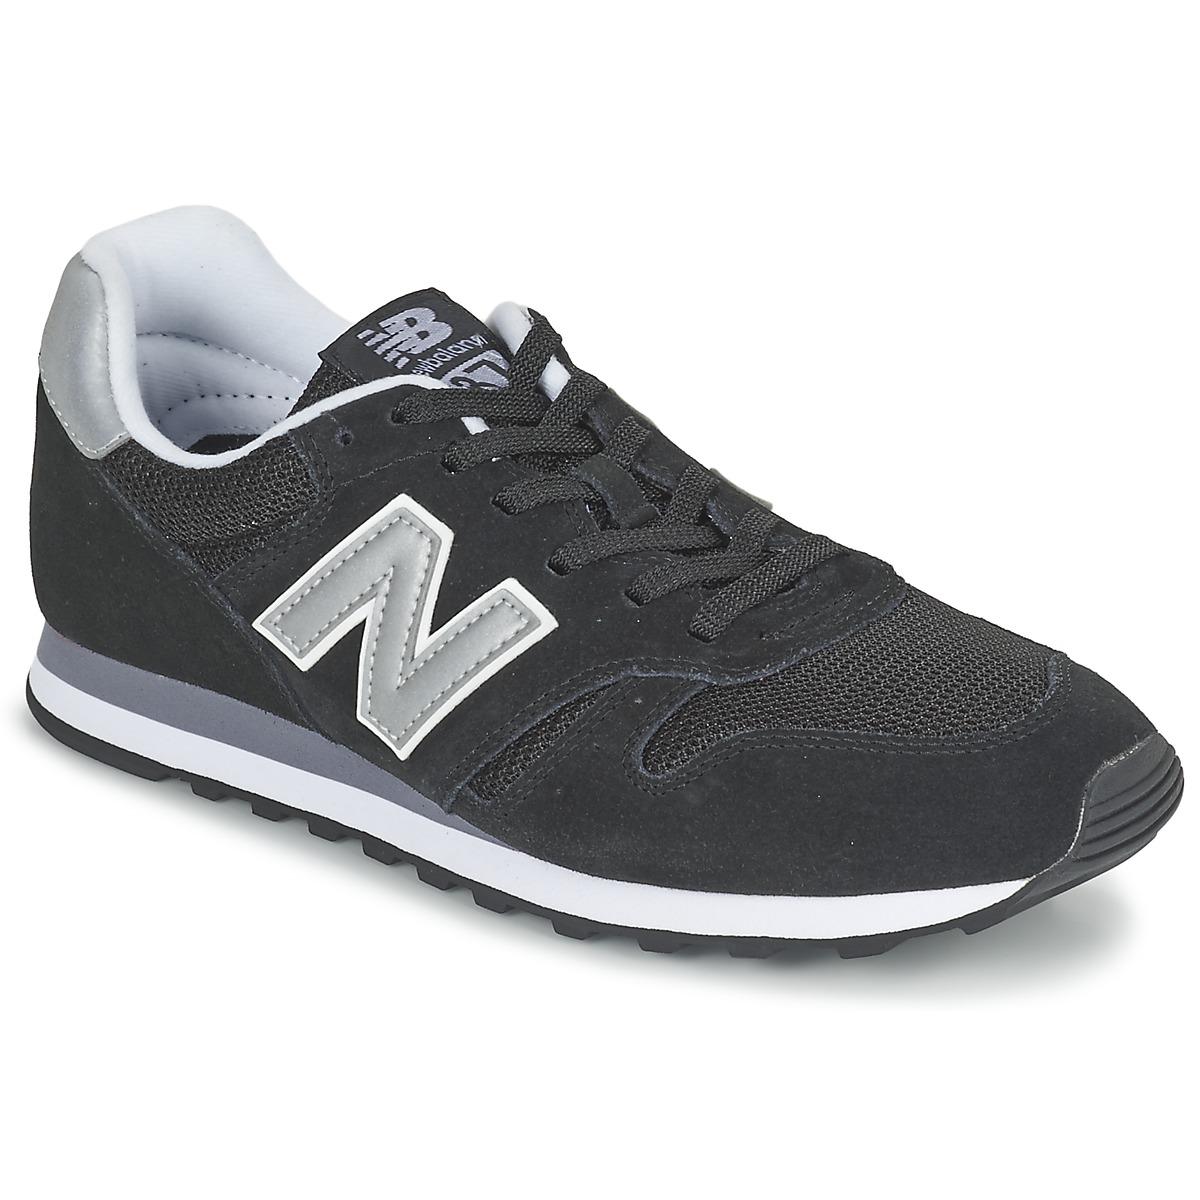 New Balance ML373 Schwarz - Kostenloser Versand bei Spartoode ! - Schuhe Sneaker Low  59,49 €